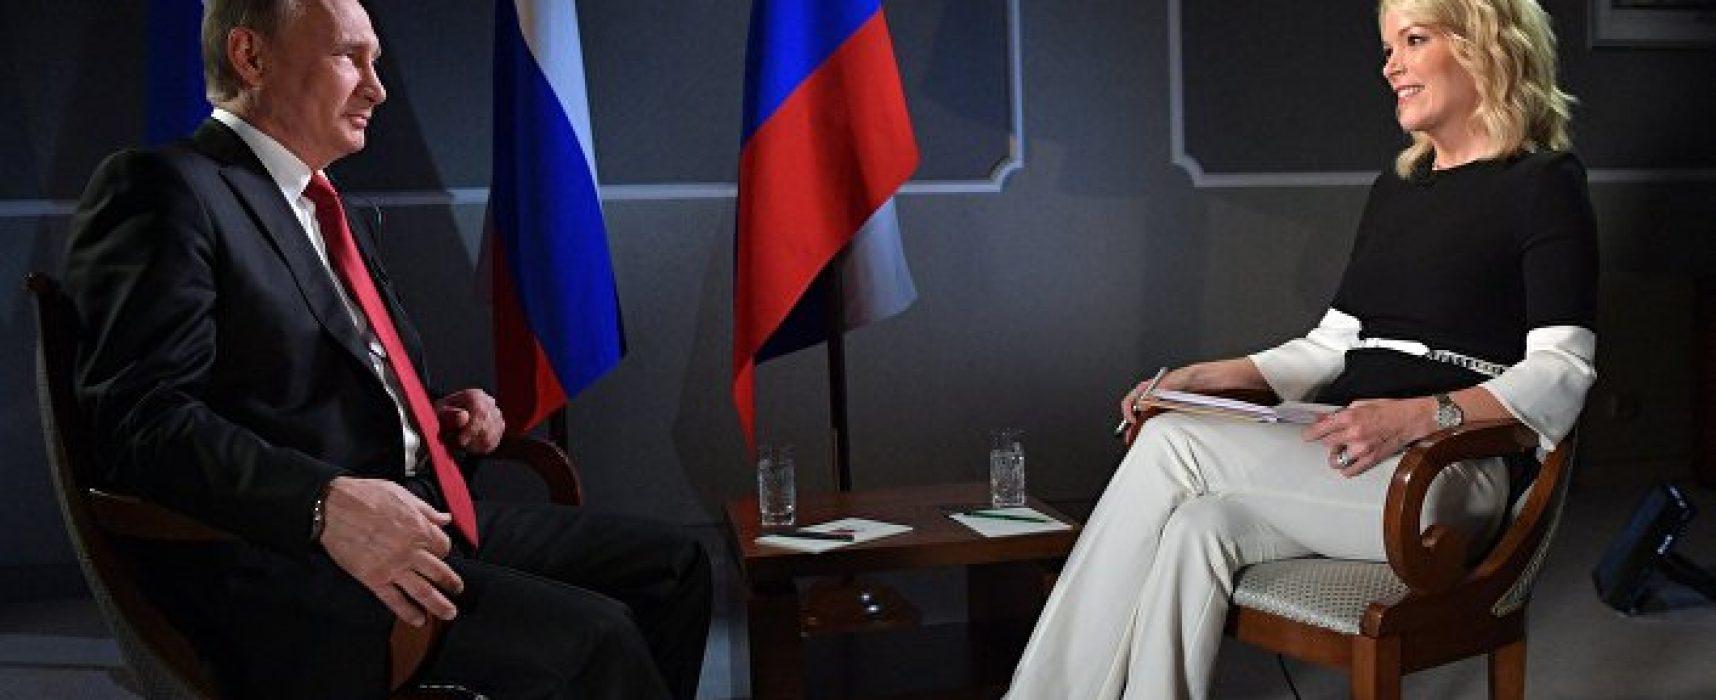 «Может, там не русские, а украинцы и евреи». 7 фейков Путина из интервью Мегин Келли